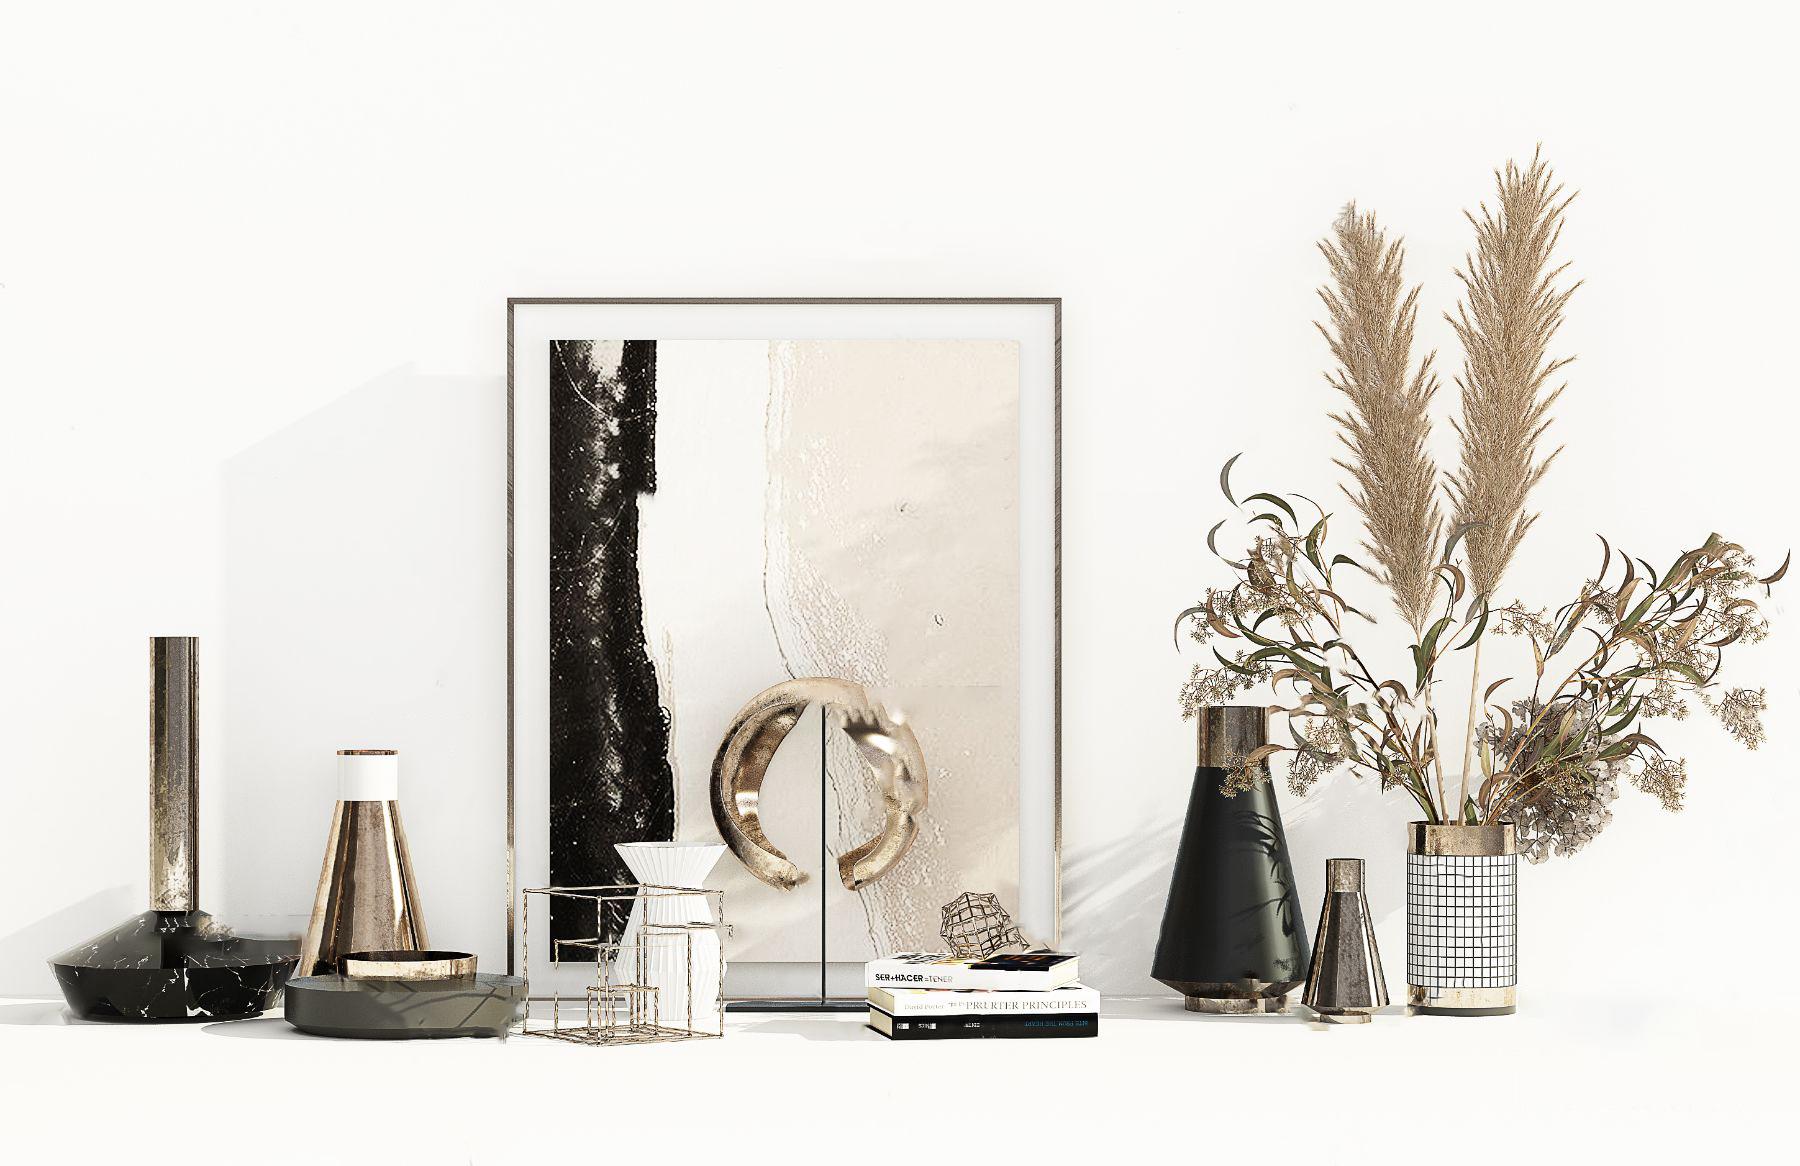 现代花瓶书籍饰品摆件3d模型